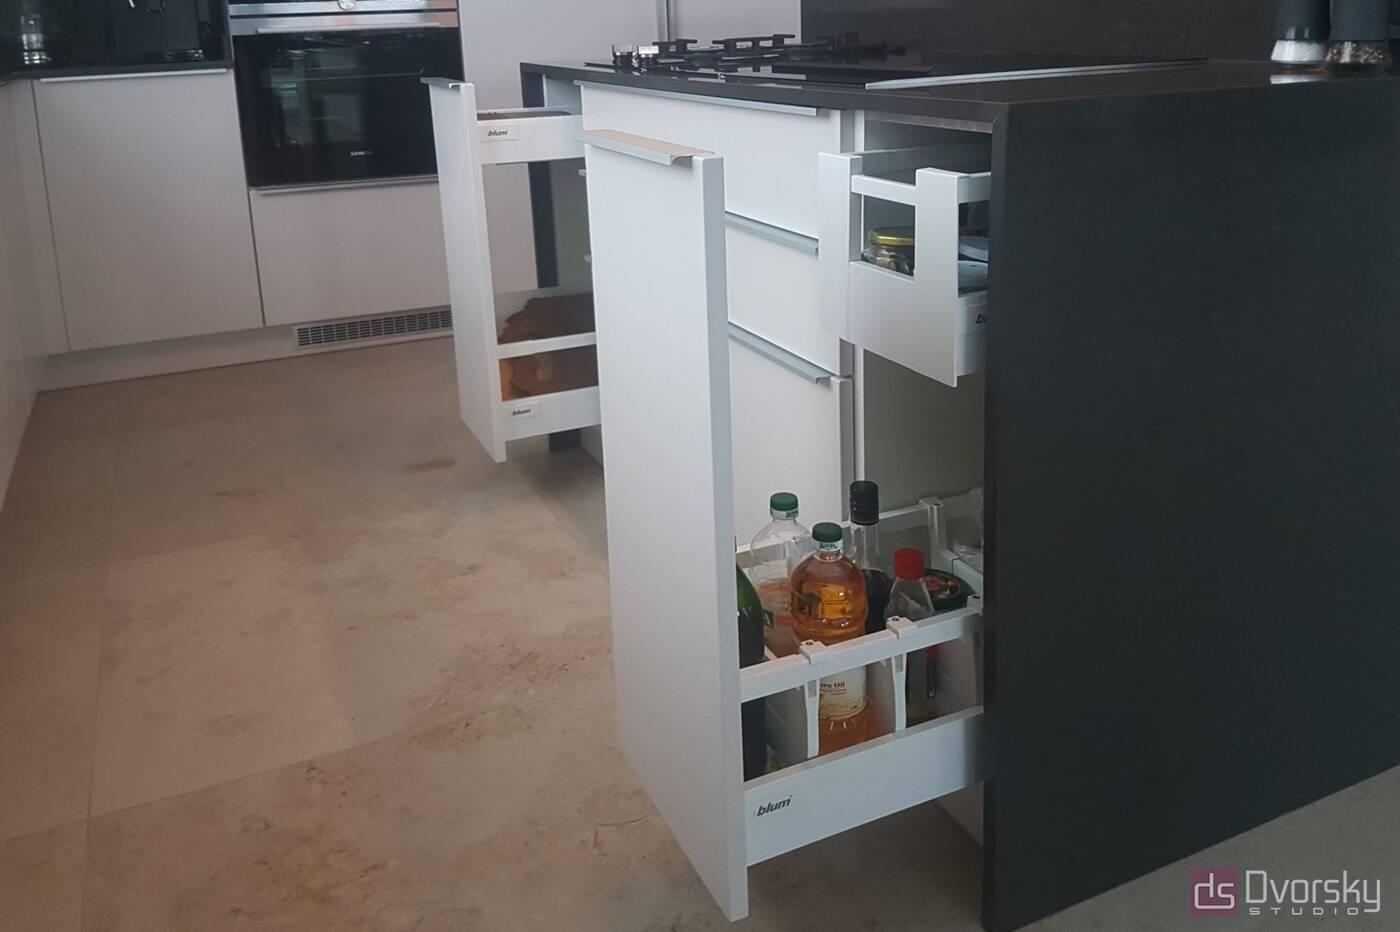 Острівні кухні Кухня з 2-ма зонами острова - Фото № 5